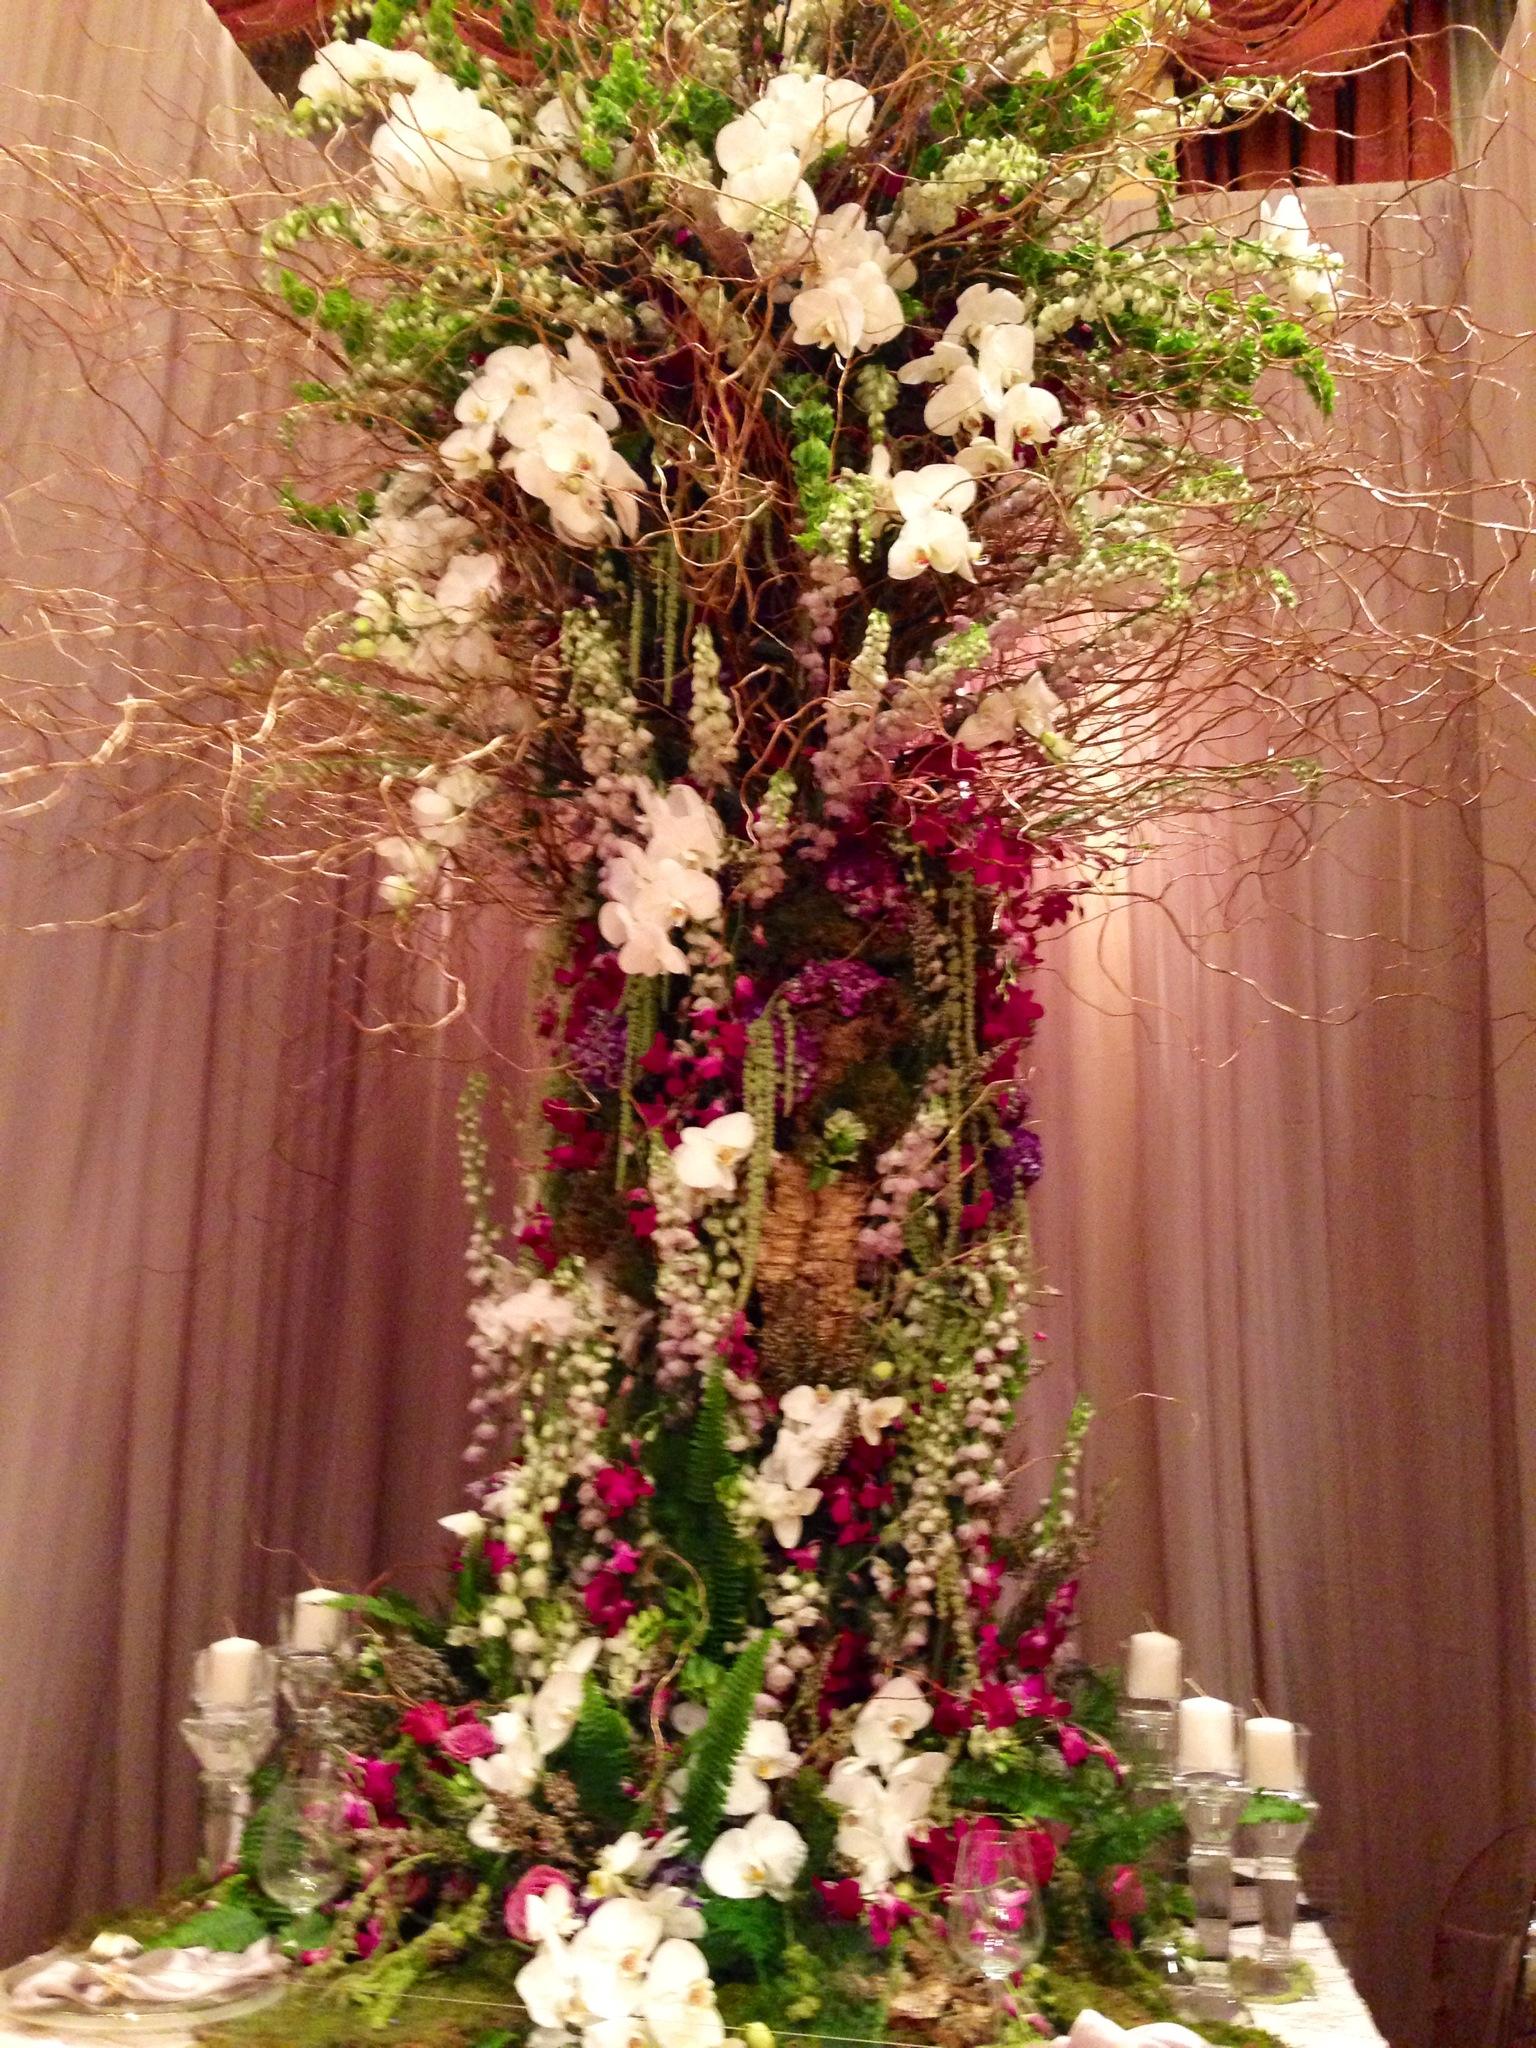 weddingflowers-fos-wedluxeshow-torontoweddingplanner